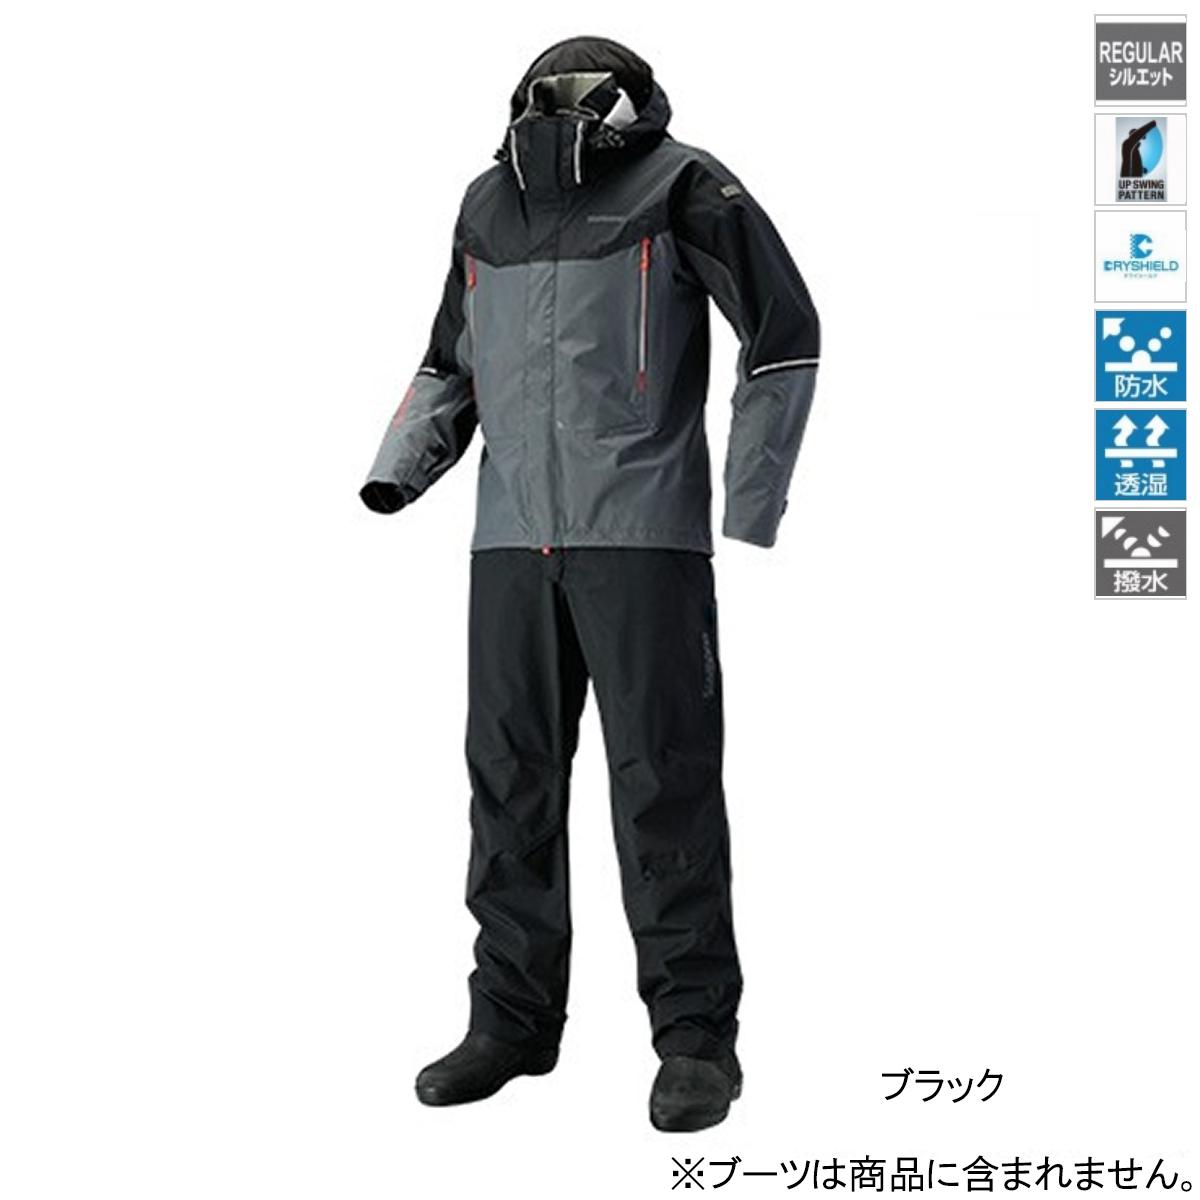 シマノ DSアドバンススーツ RA-025S L ブラック(東日本店)